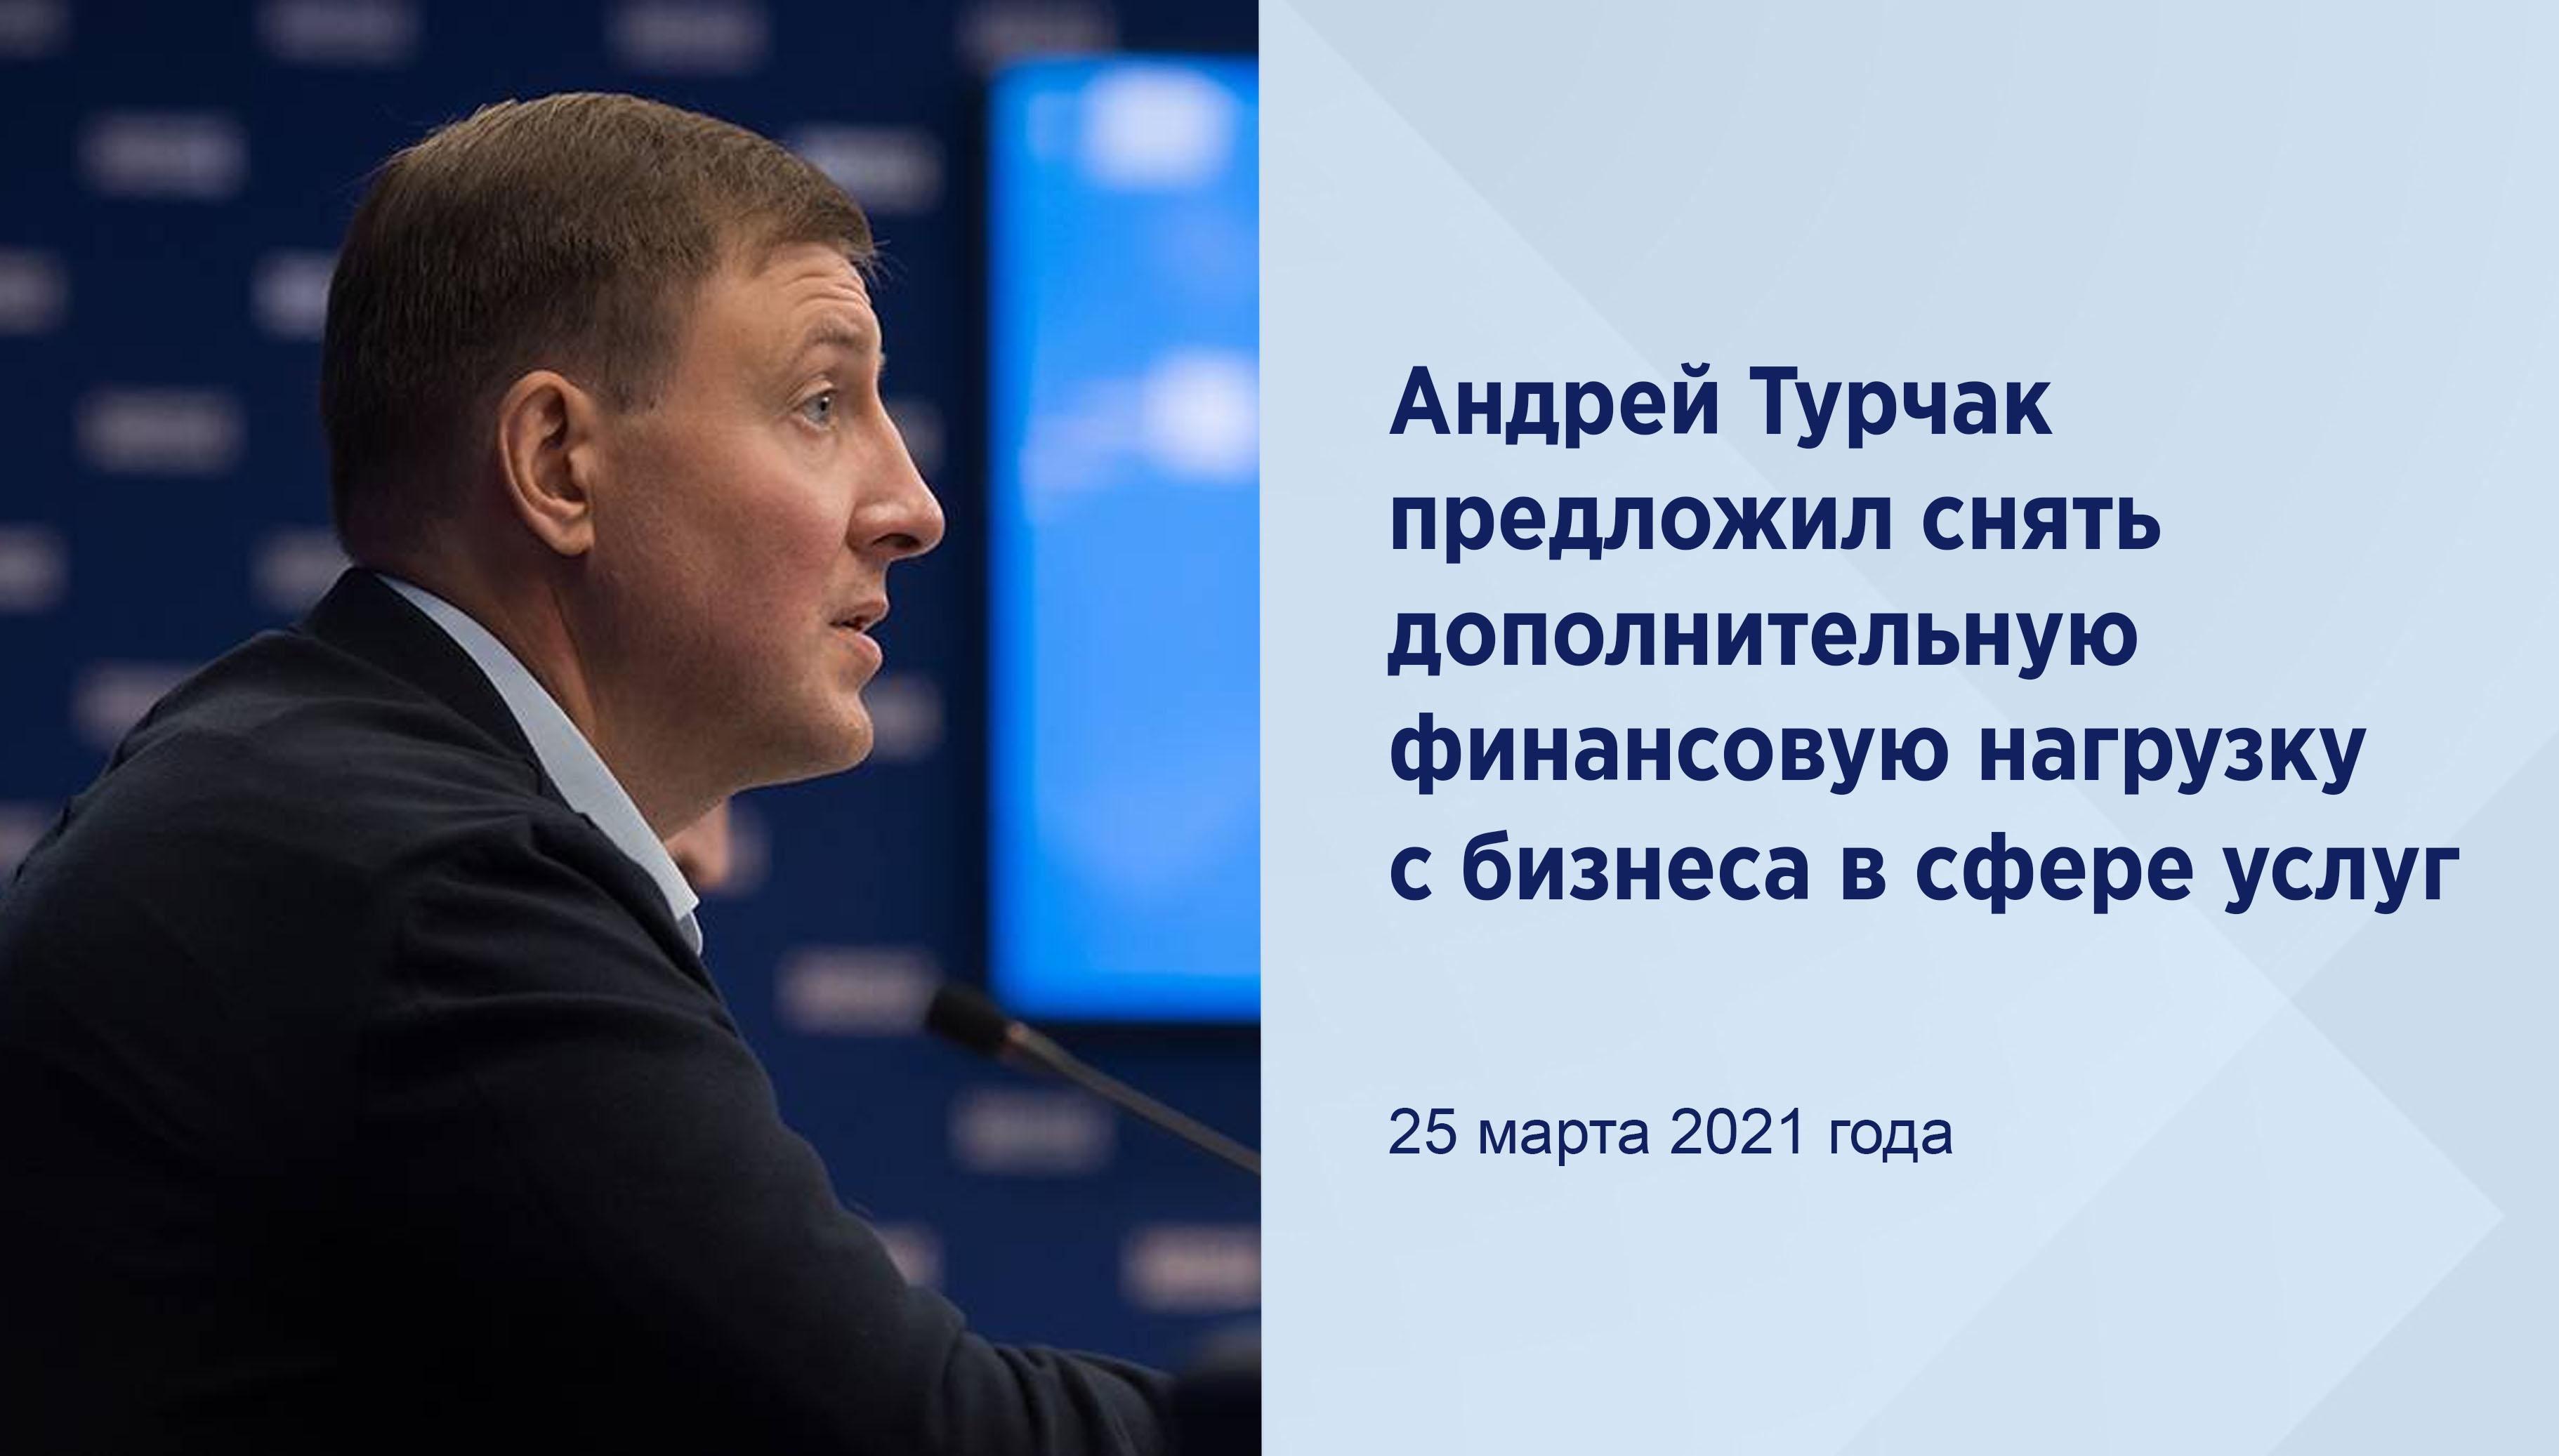 Андрей Турчак предложил снять дополнительную финансовую нагрузку с бизнеса в сфере услуг